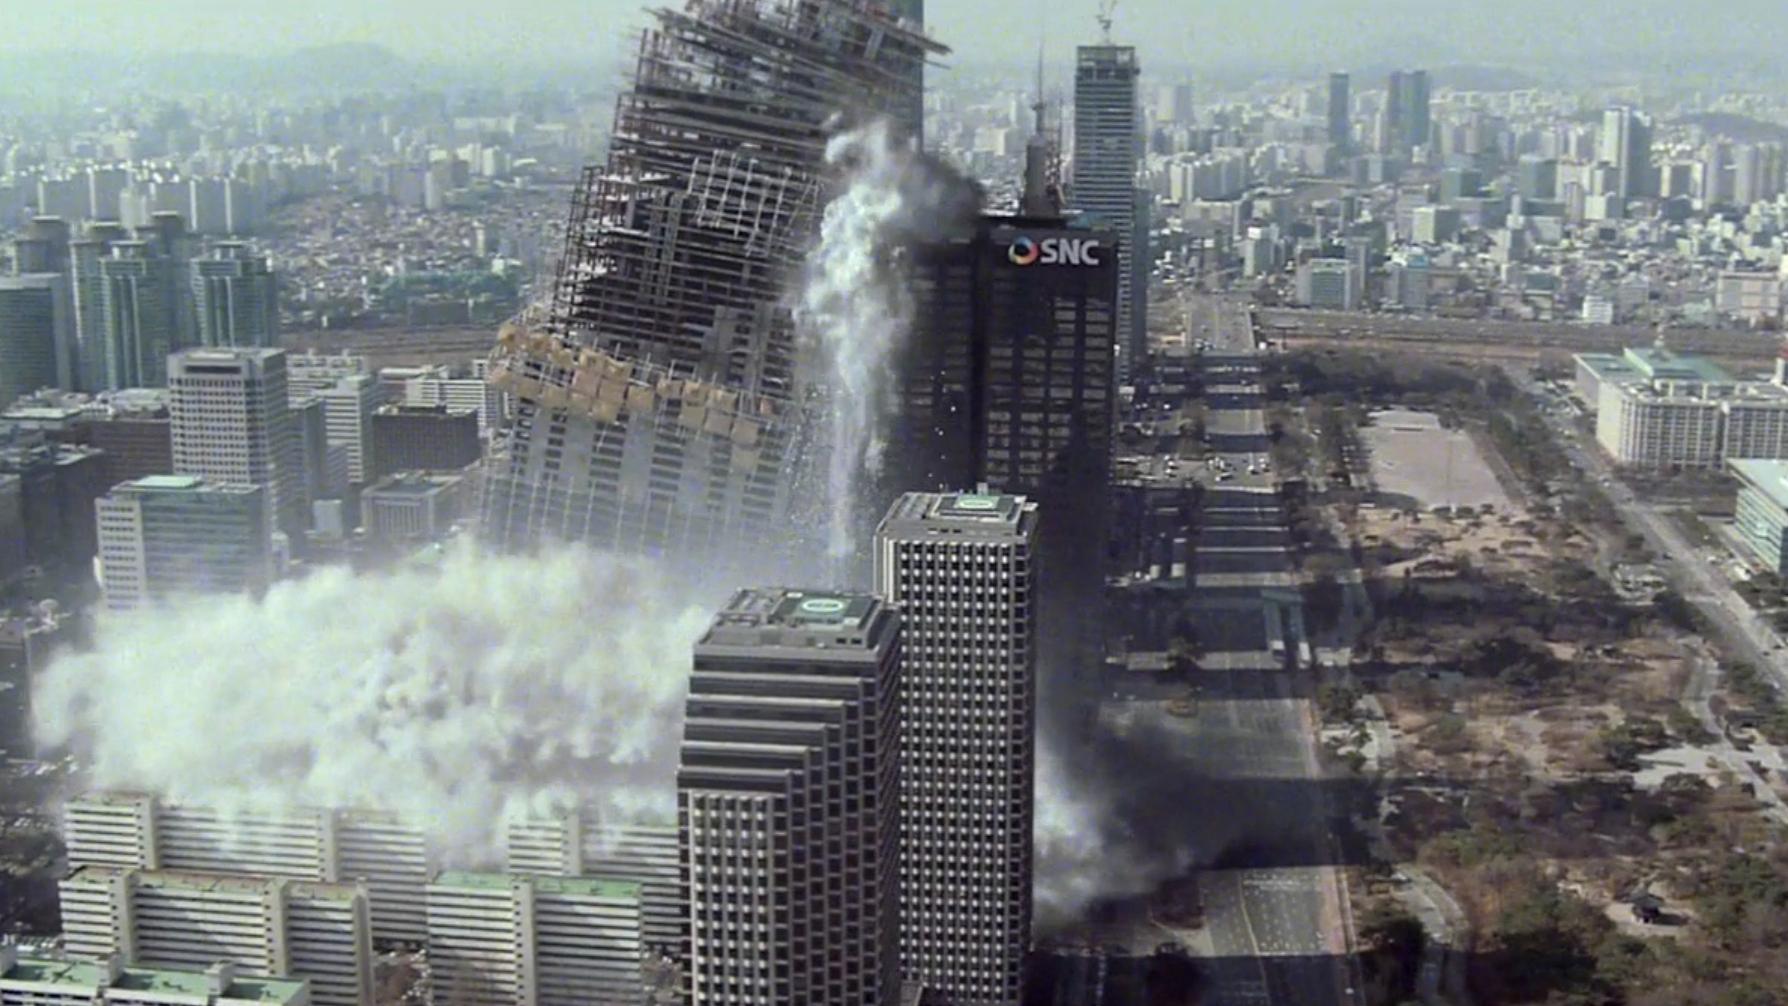 3名工人掉入水中,警察见死不救,工人儿子炸毁大楼要总统道歉!